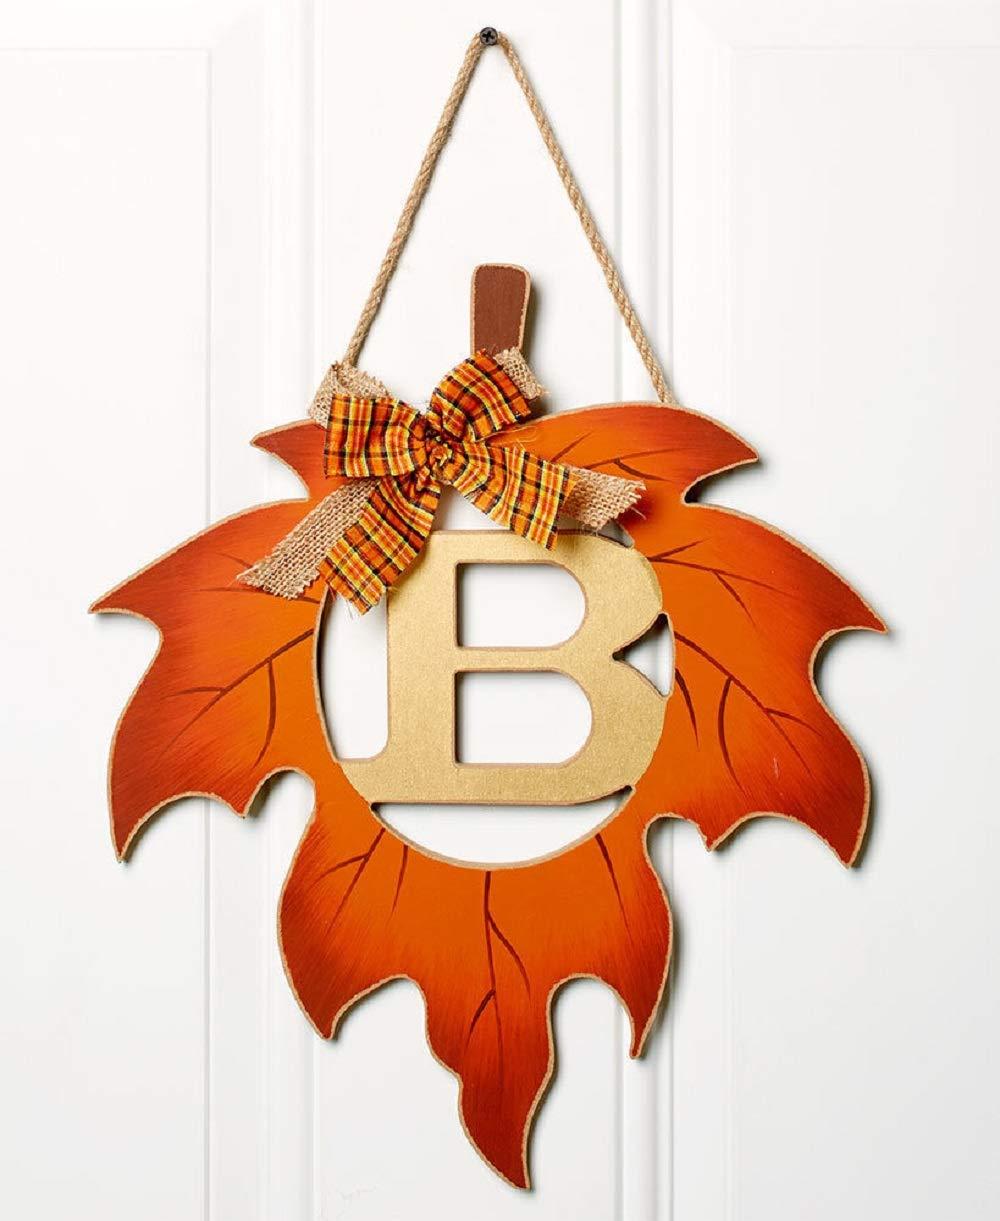 ginsengstone Harvest Leaf Monogram Letter B, Door Hanger Fall Thanksgiving Seasonal Home Decor